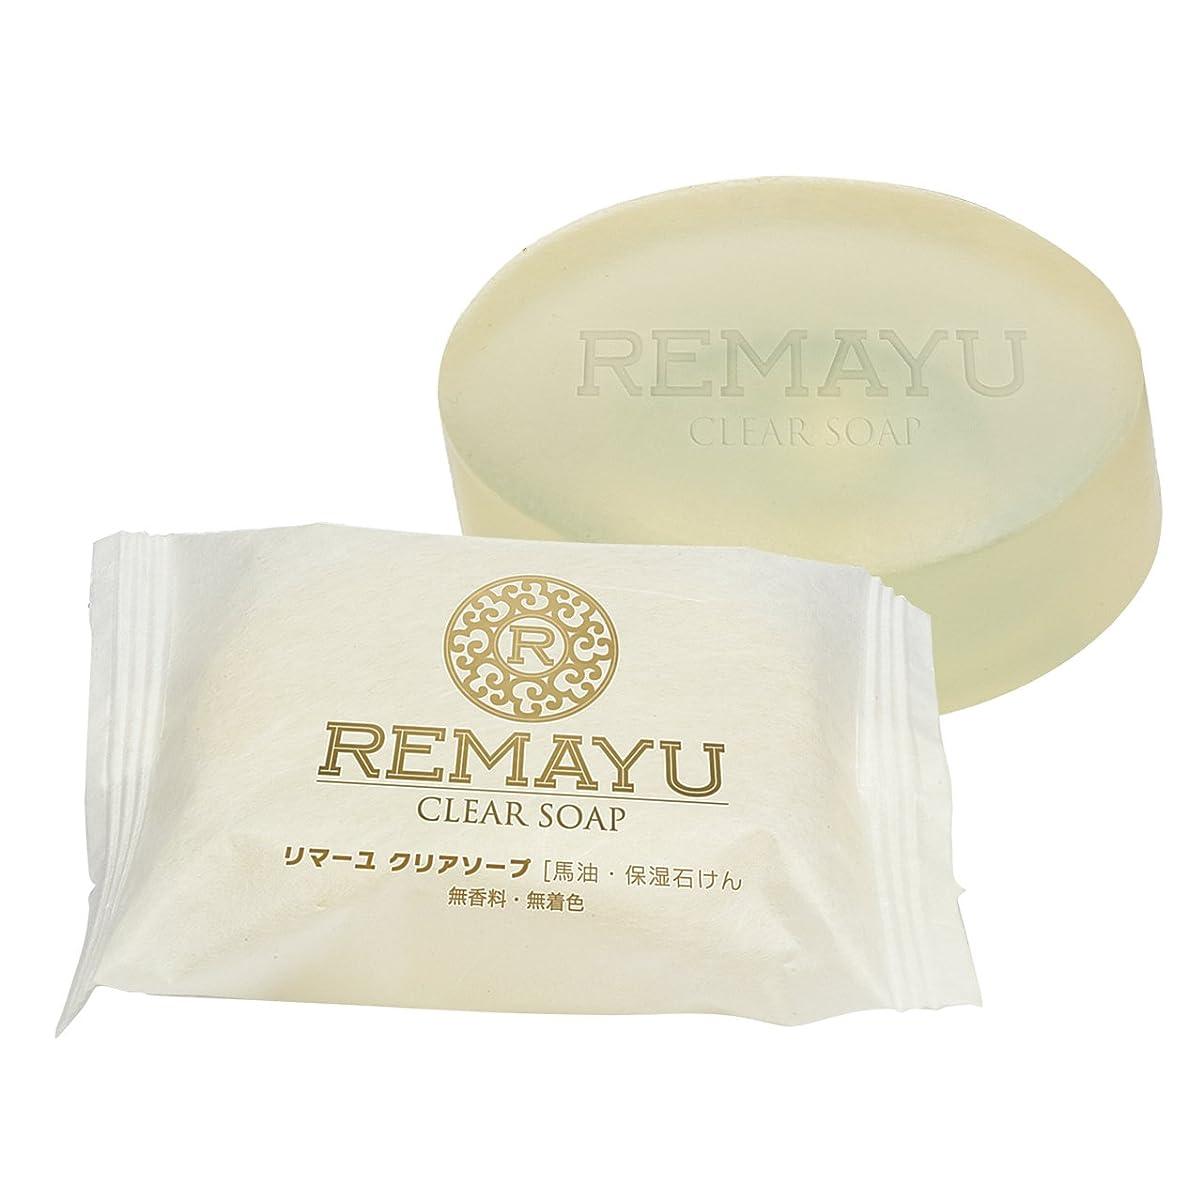 テレビ実験室セブンリマーユ クリアソープ 90g 馬油 リバテープ製薬 日本製 ばゆ石鹸 ばゆ洗顔